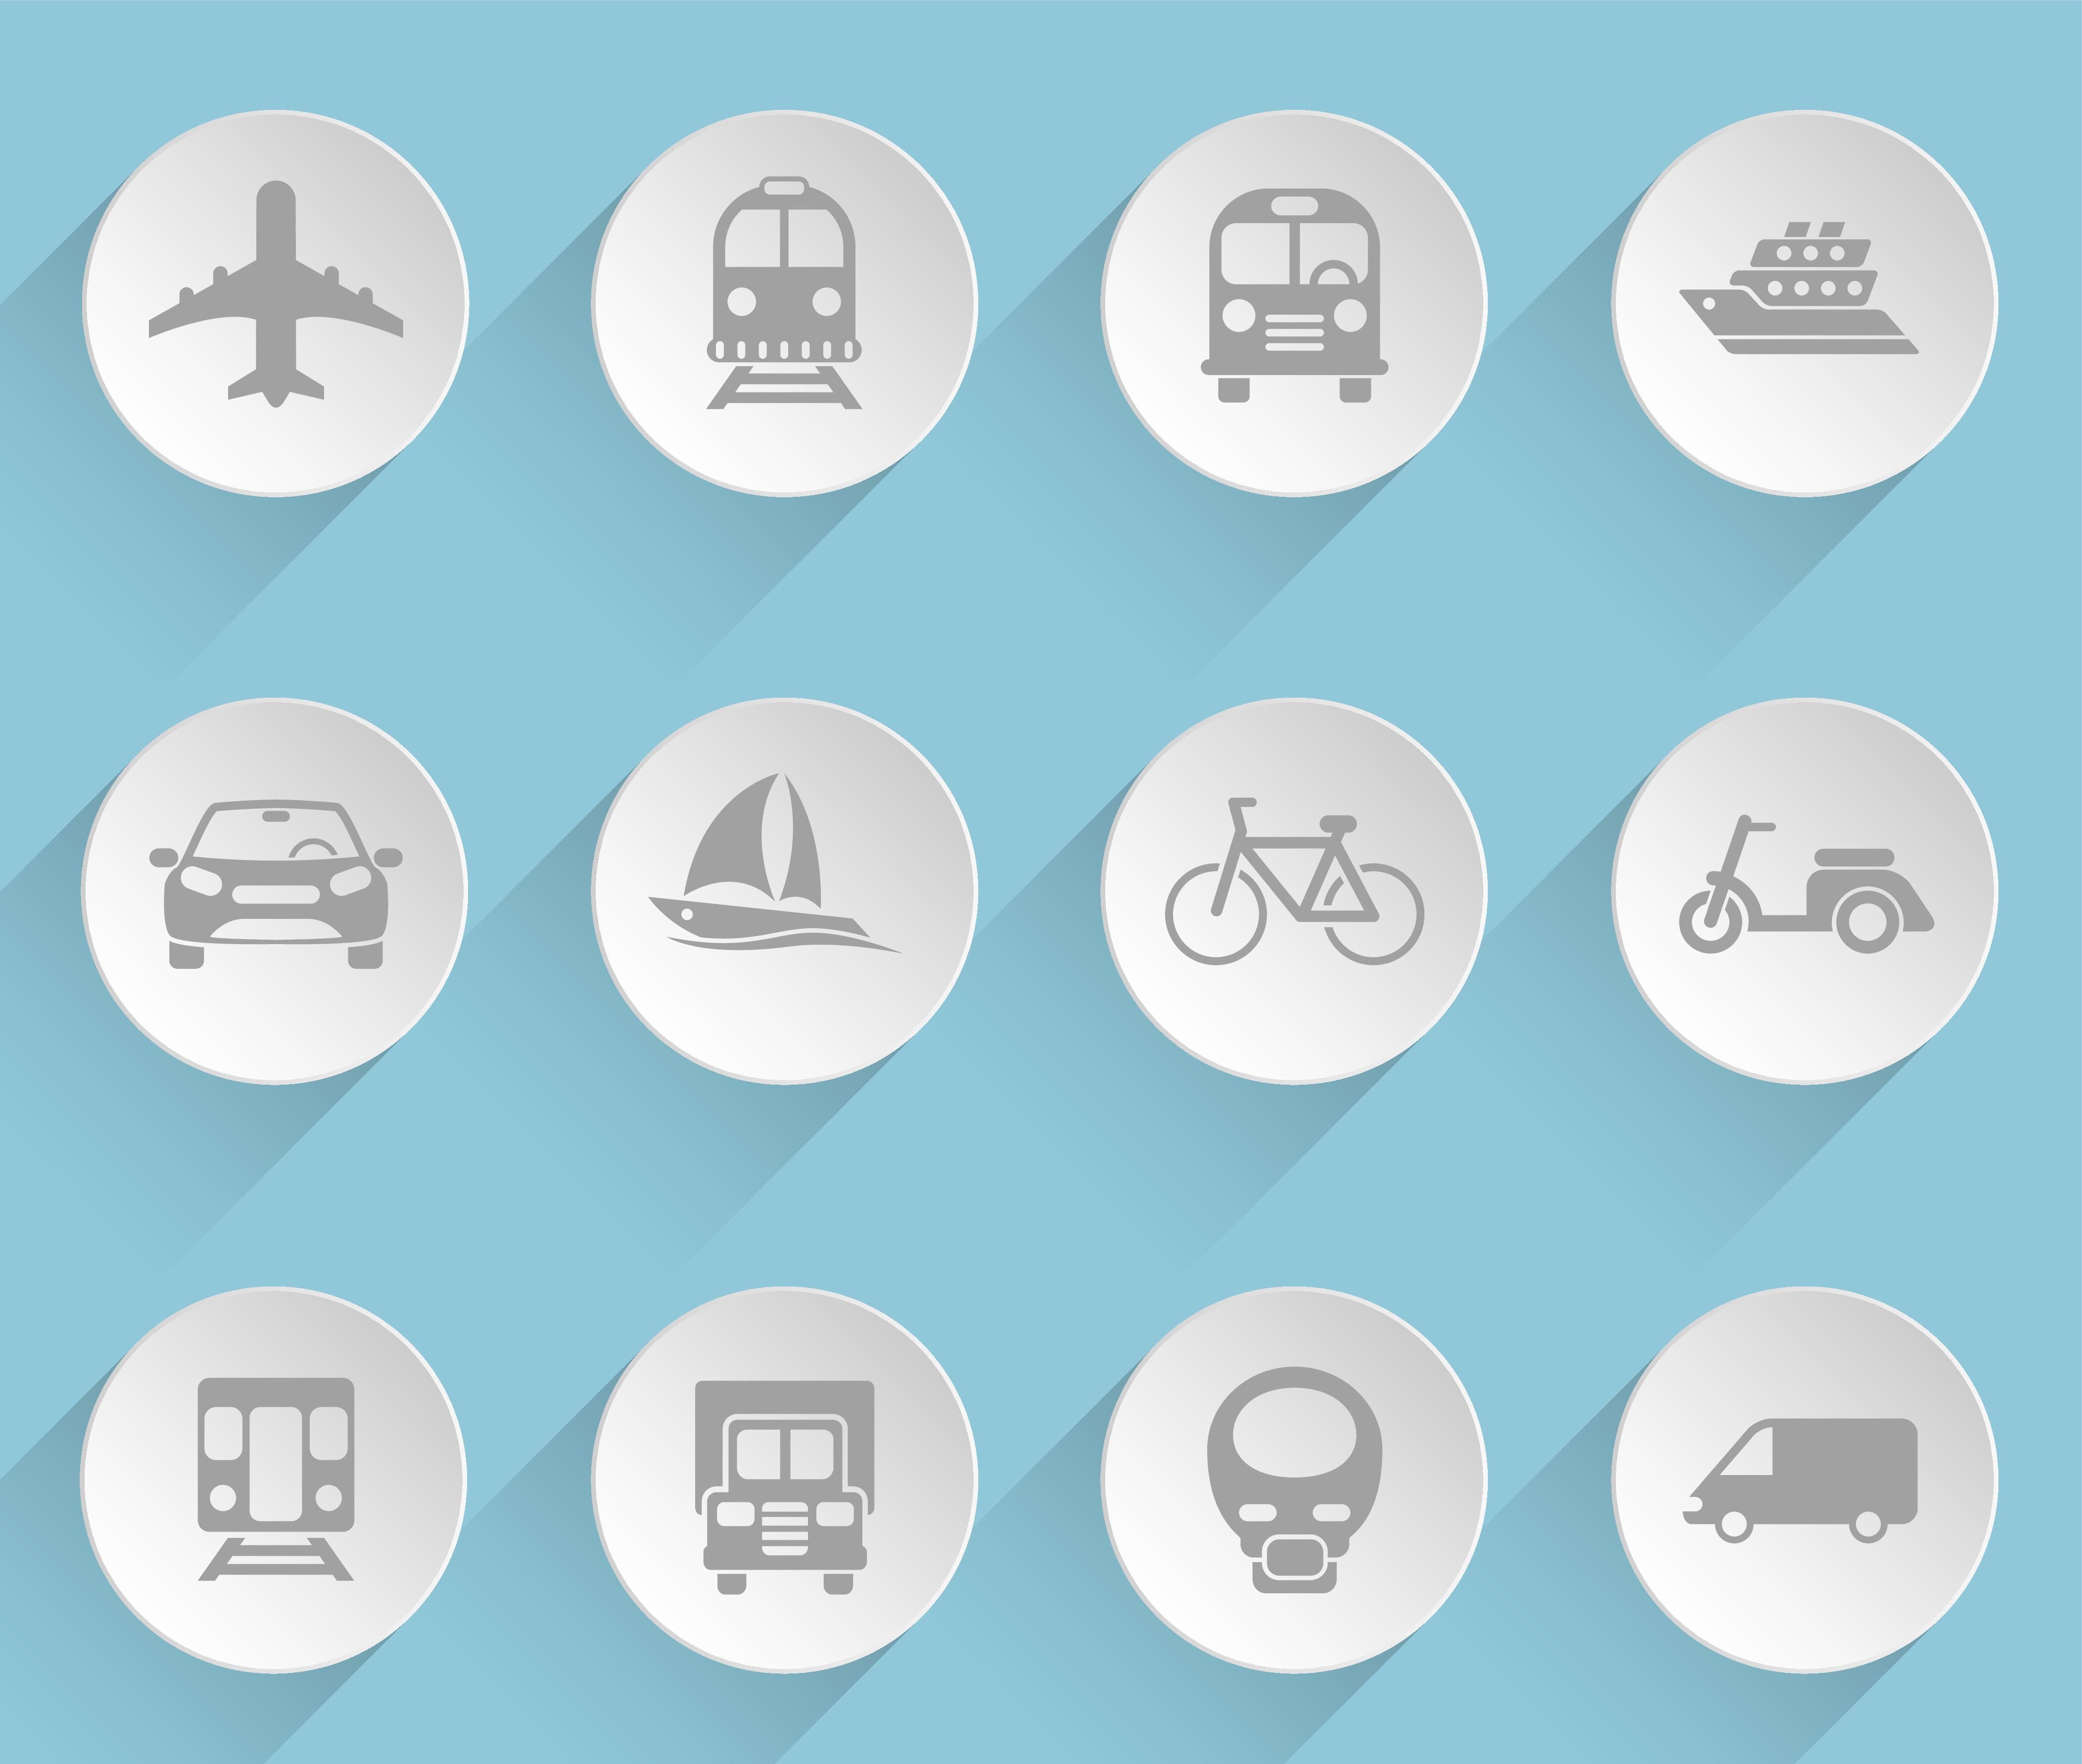 Auf hellblauem Grund sind 12 Icons in Form weißer Teller zu sehen. Auf diesen sind in grau die Silhouetten von verschiedenen Verkehrsmitteln zu sehen, bspw. von einem Flugzeug, LKW, Bus, PKW Schiff, usw..